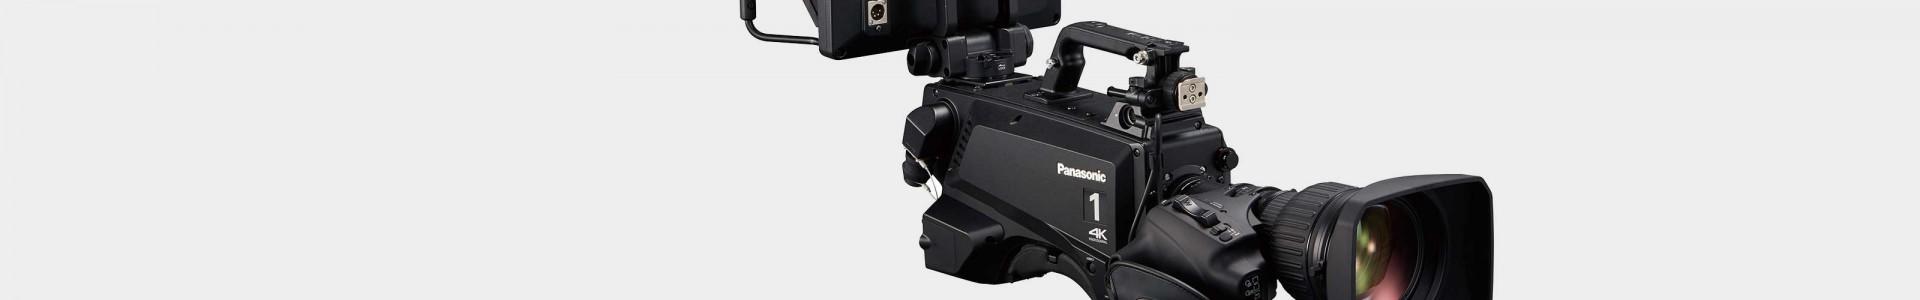 Caméras de Studio professionnelles et Broadcast - Avacab